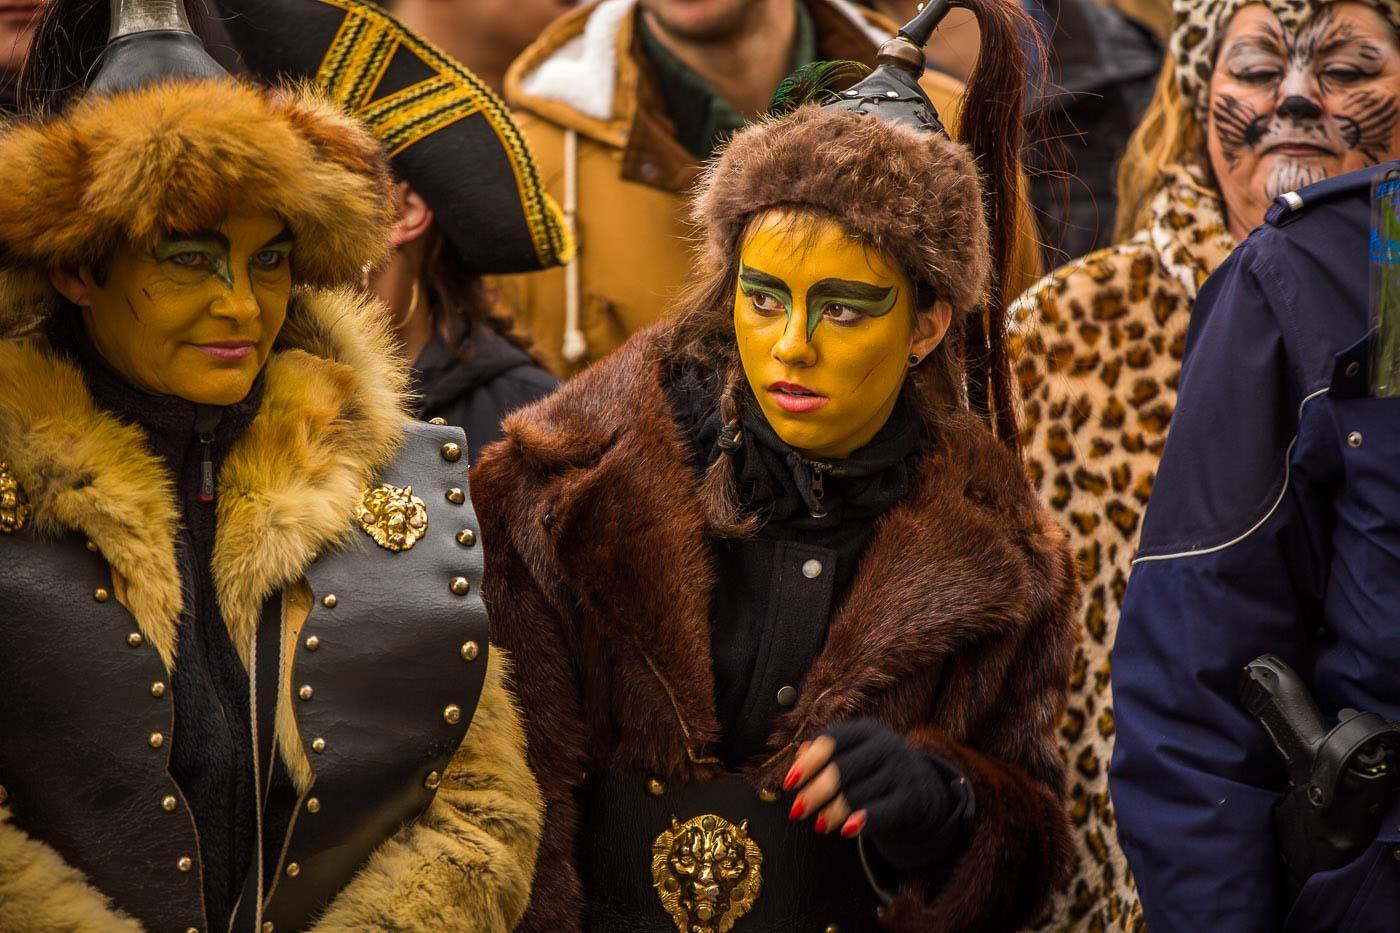 foto-festival-karneval-67